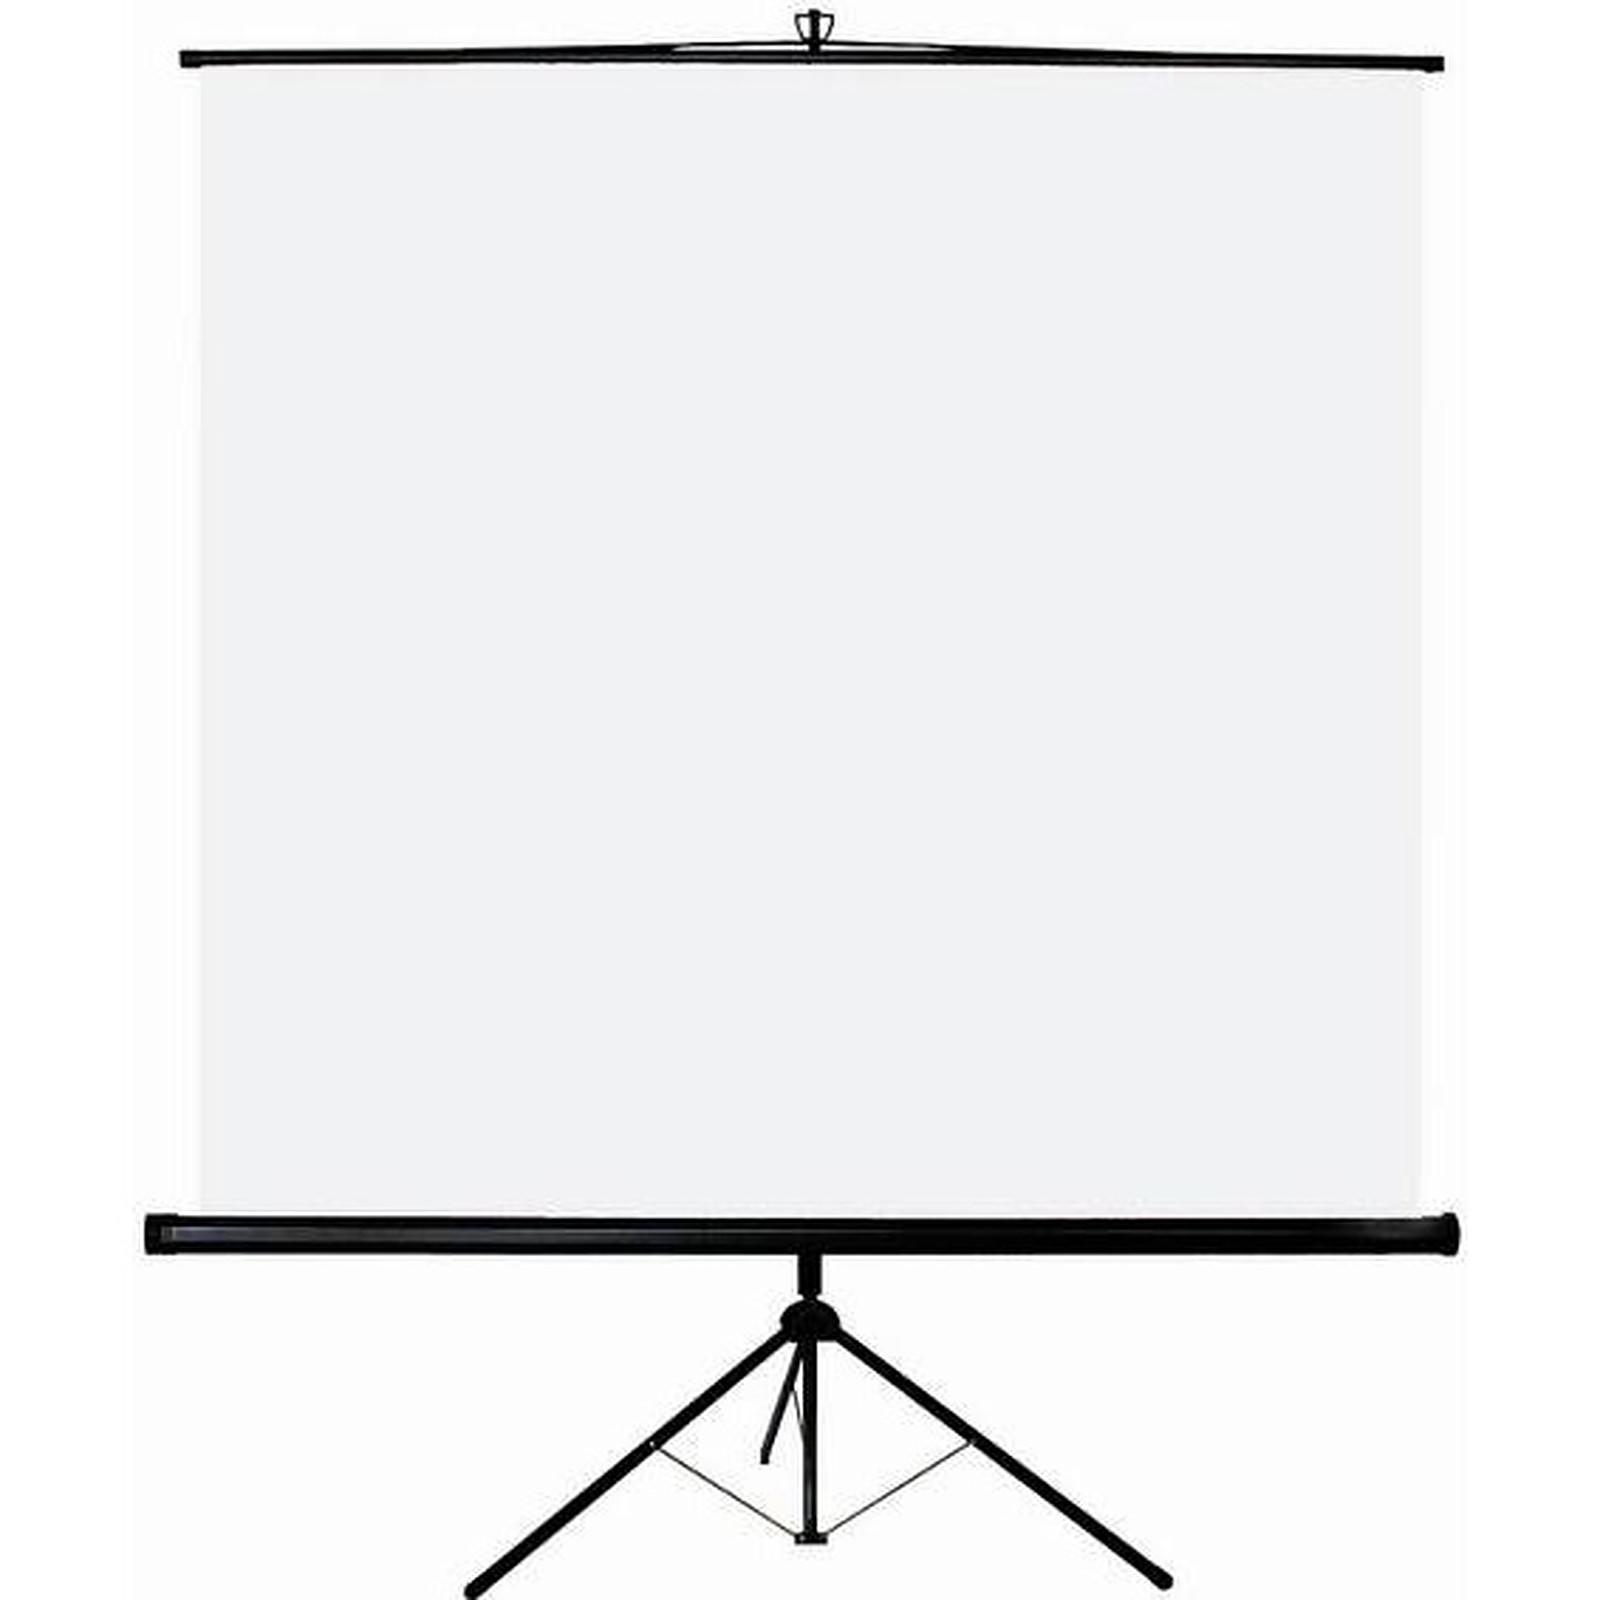 LDLC Ecran trépied - Format 1:1 - 160 x 160 cm